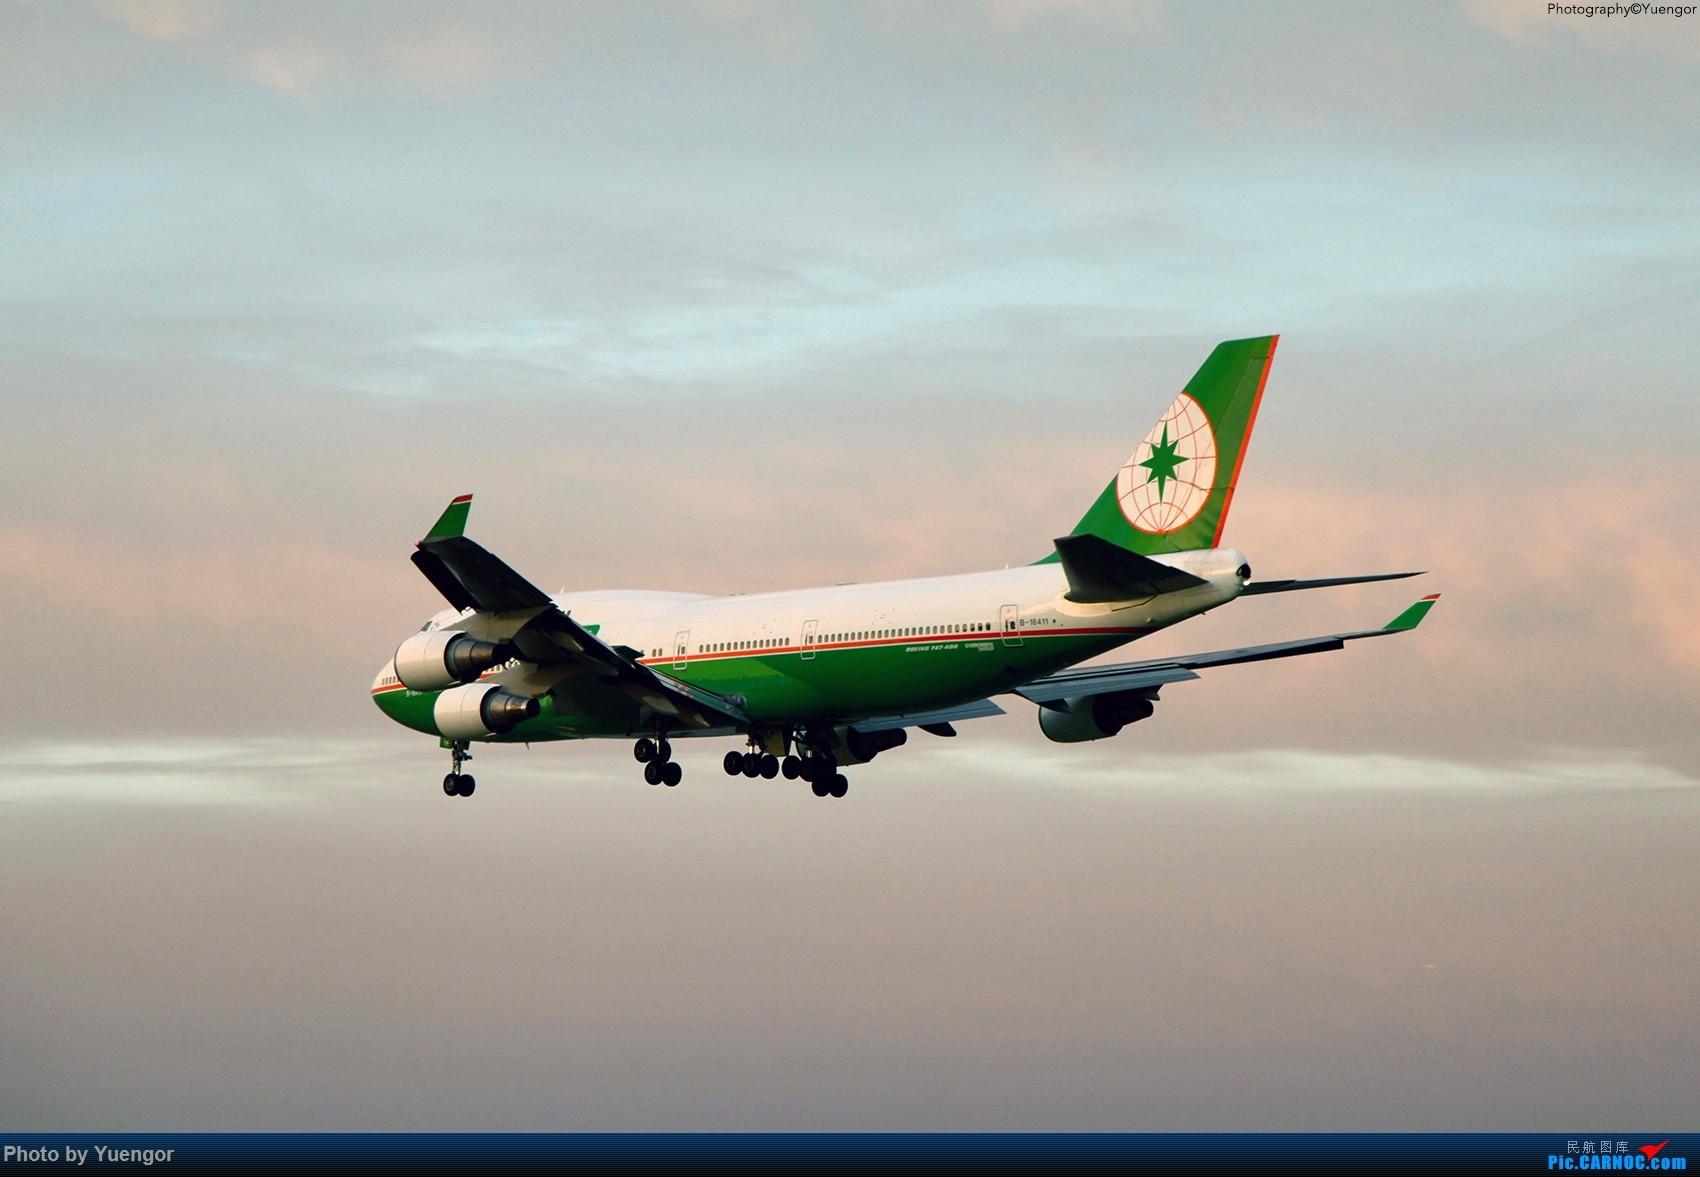 Re:[原创]【兰州飞友会】08.2016 LHW-PEK-AUH-MSQ 暑期返村 BOEING 747-400 B-16411 中国北京首都国际机场